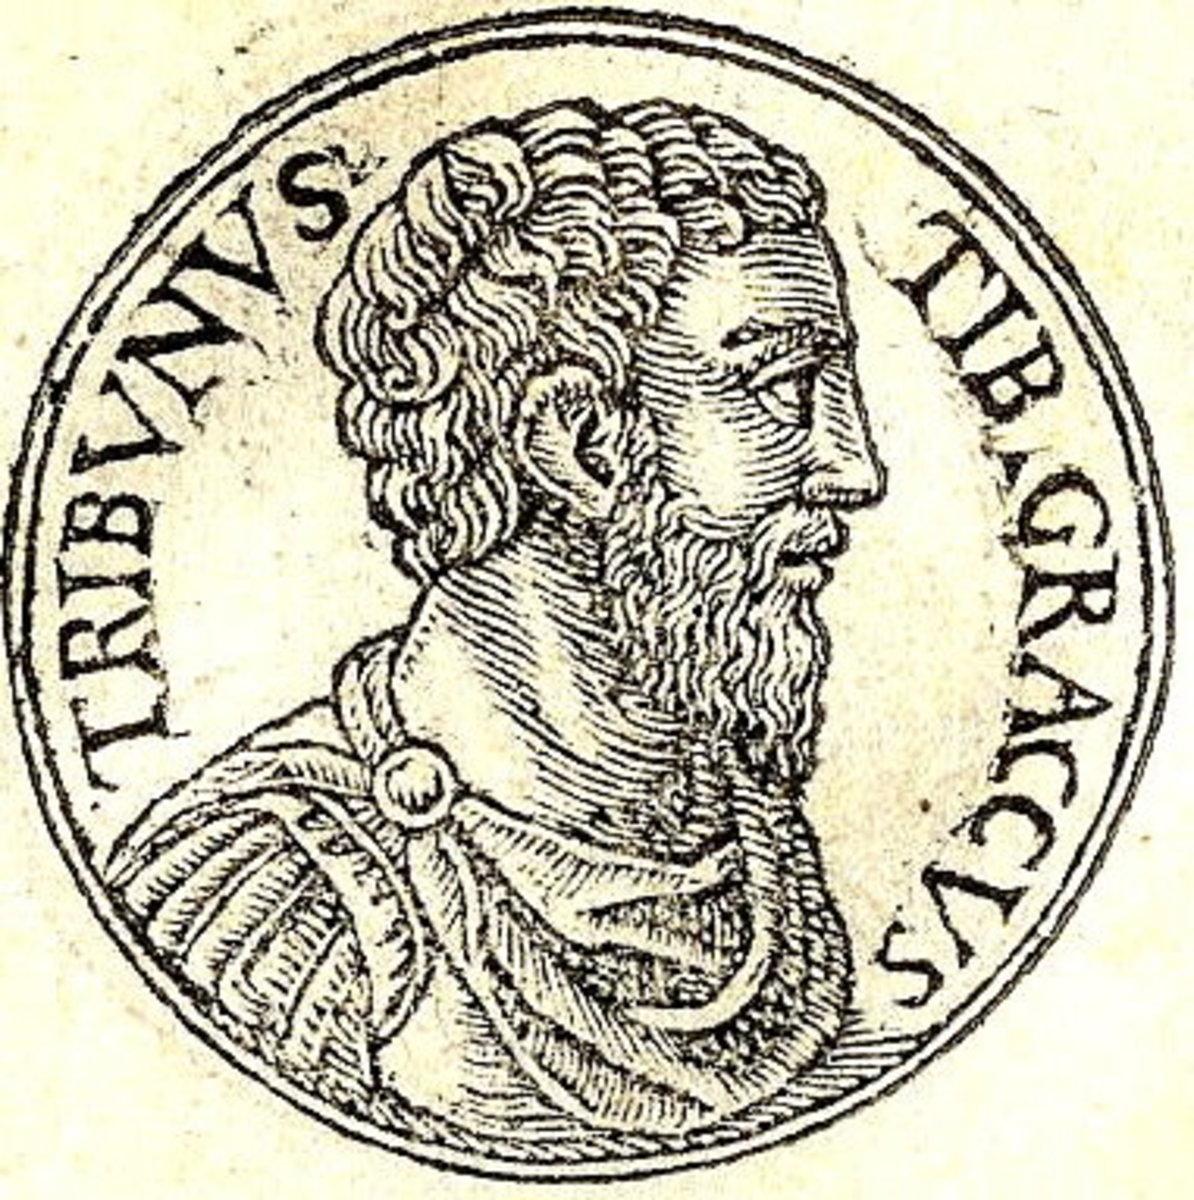 Tiberius Gracchi